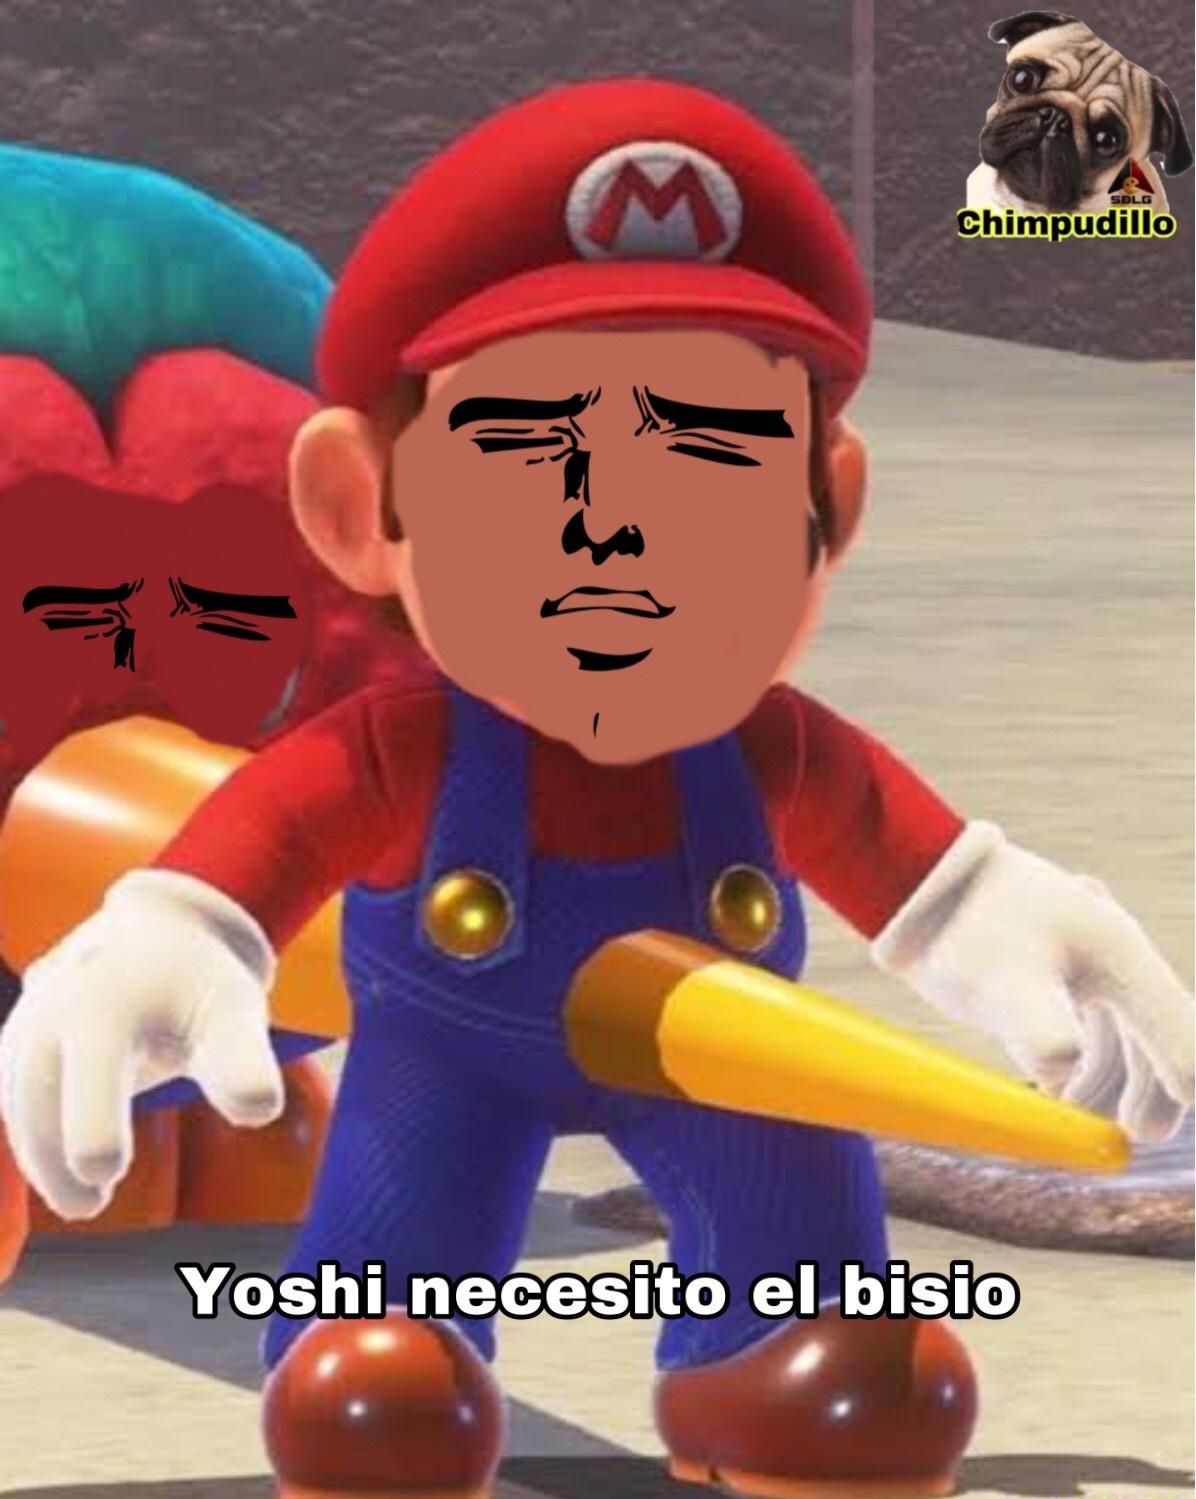 YOshi necesito el bisio - meme